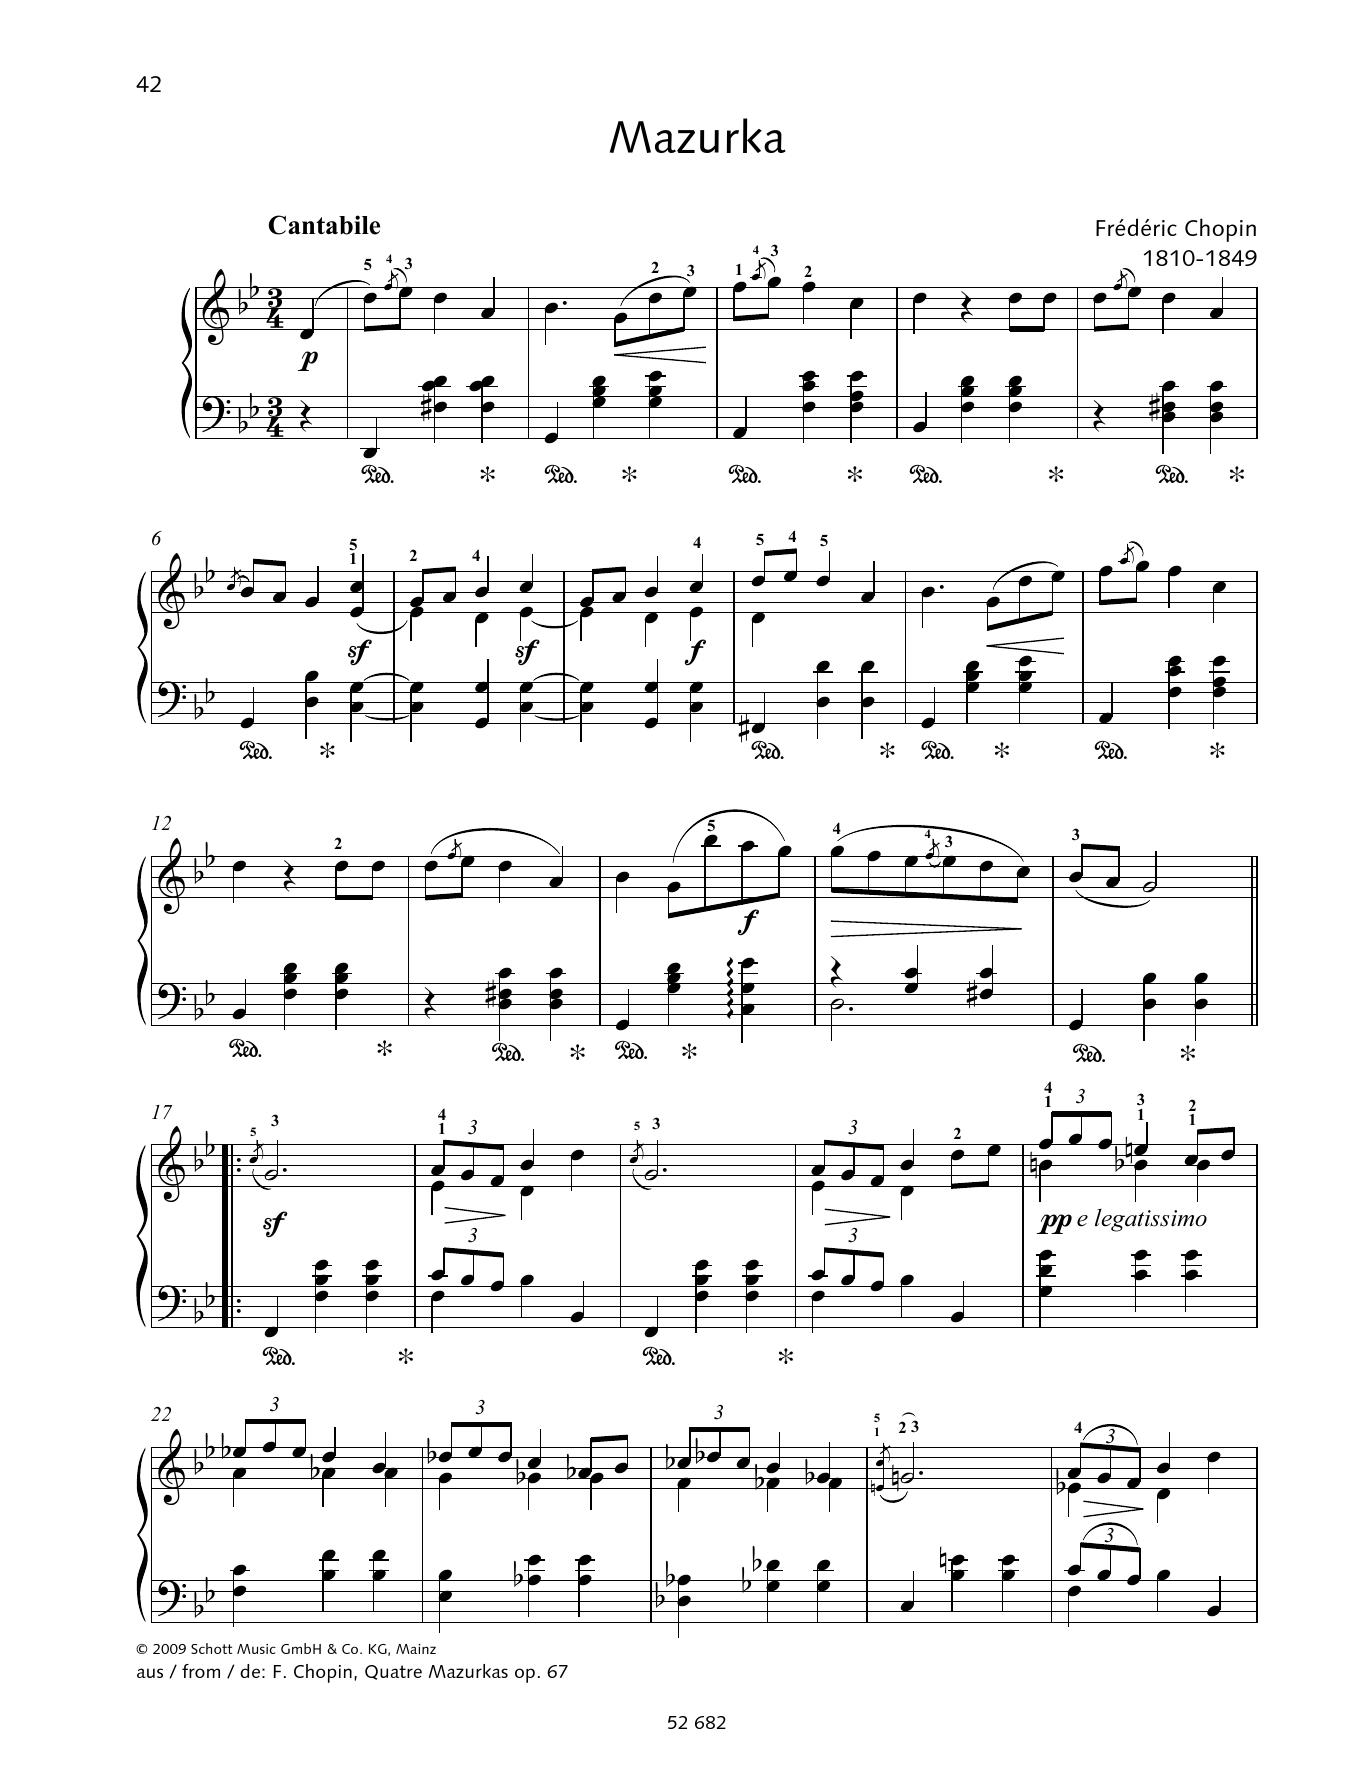 Mazurka in G minor Sheet Music